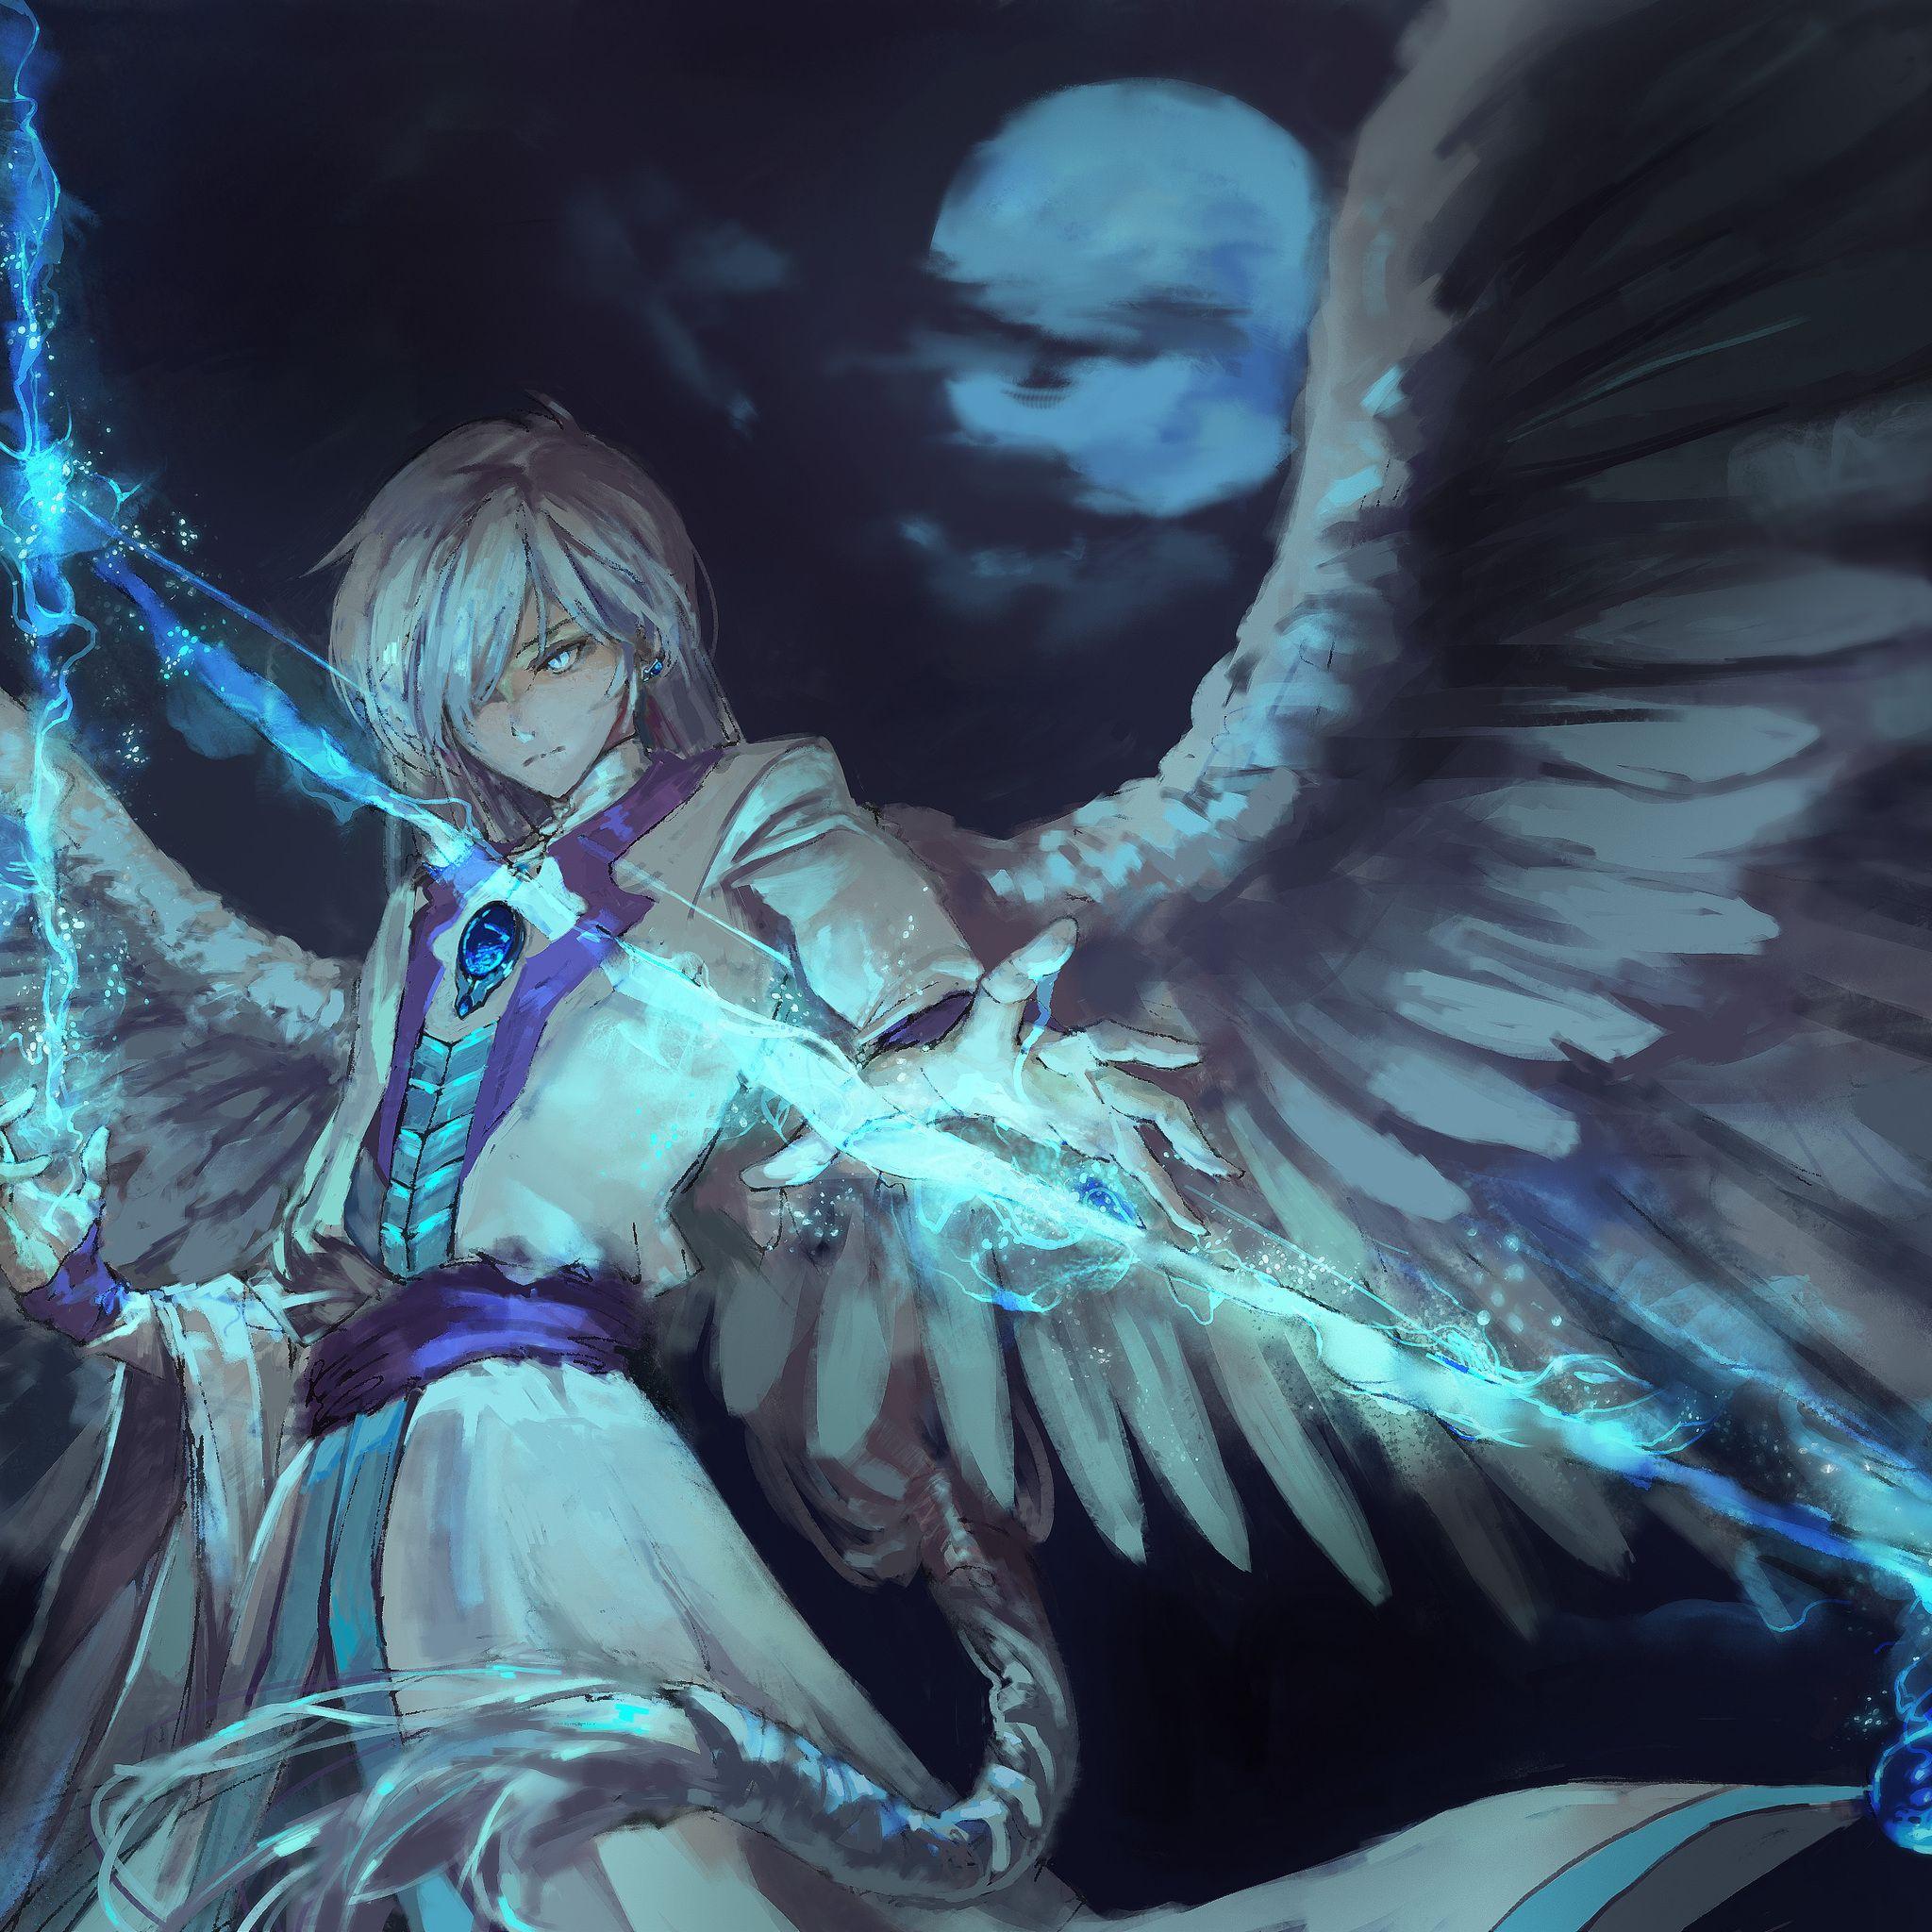 2048x2048 Anime Angel Boy With Magical Arrow Ipad Air Hd Anime Angel Boy Arrow Magical Wallpapers 4k Air Ipad Animea In 2020 Anime Anime Angel Anime Angel Girl